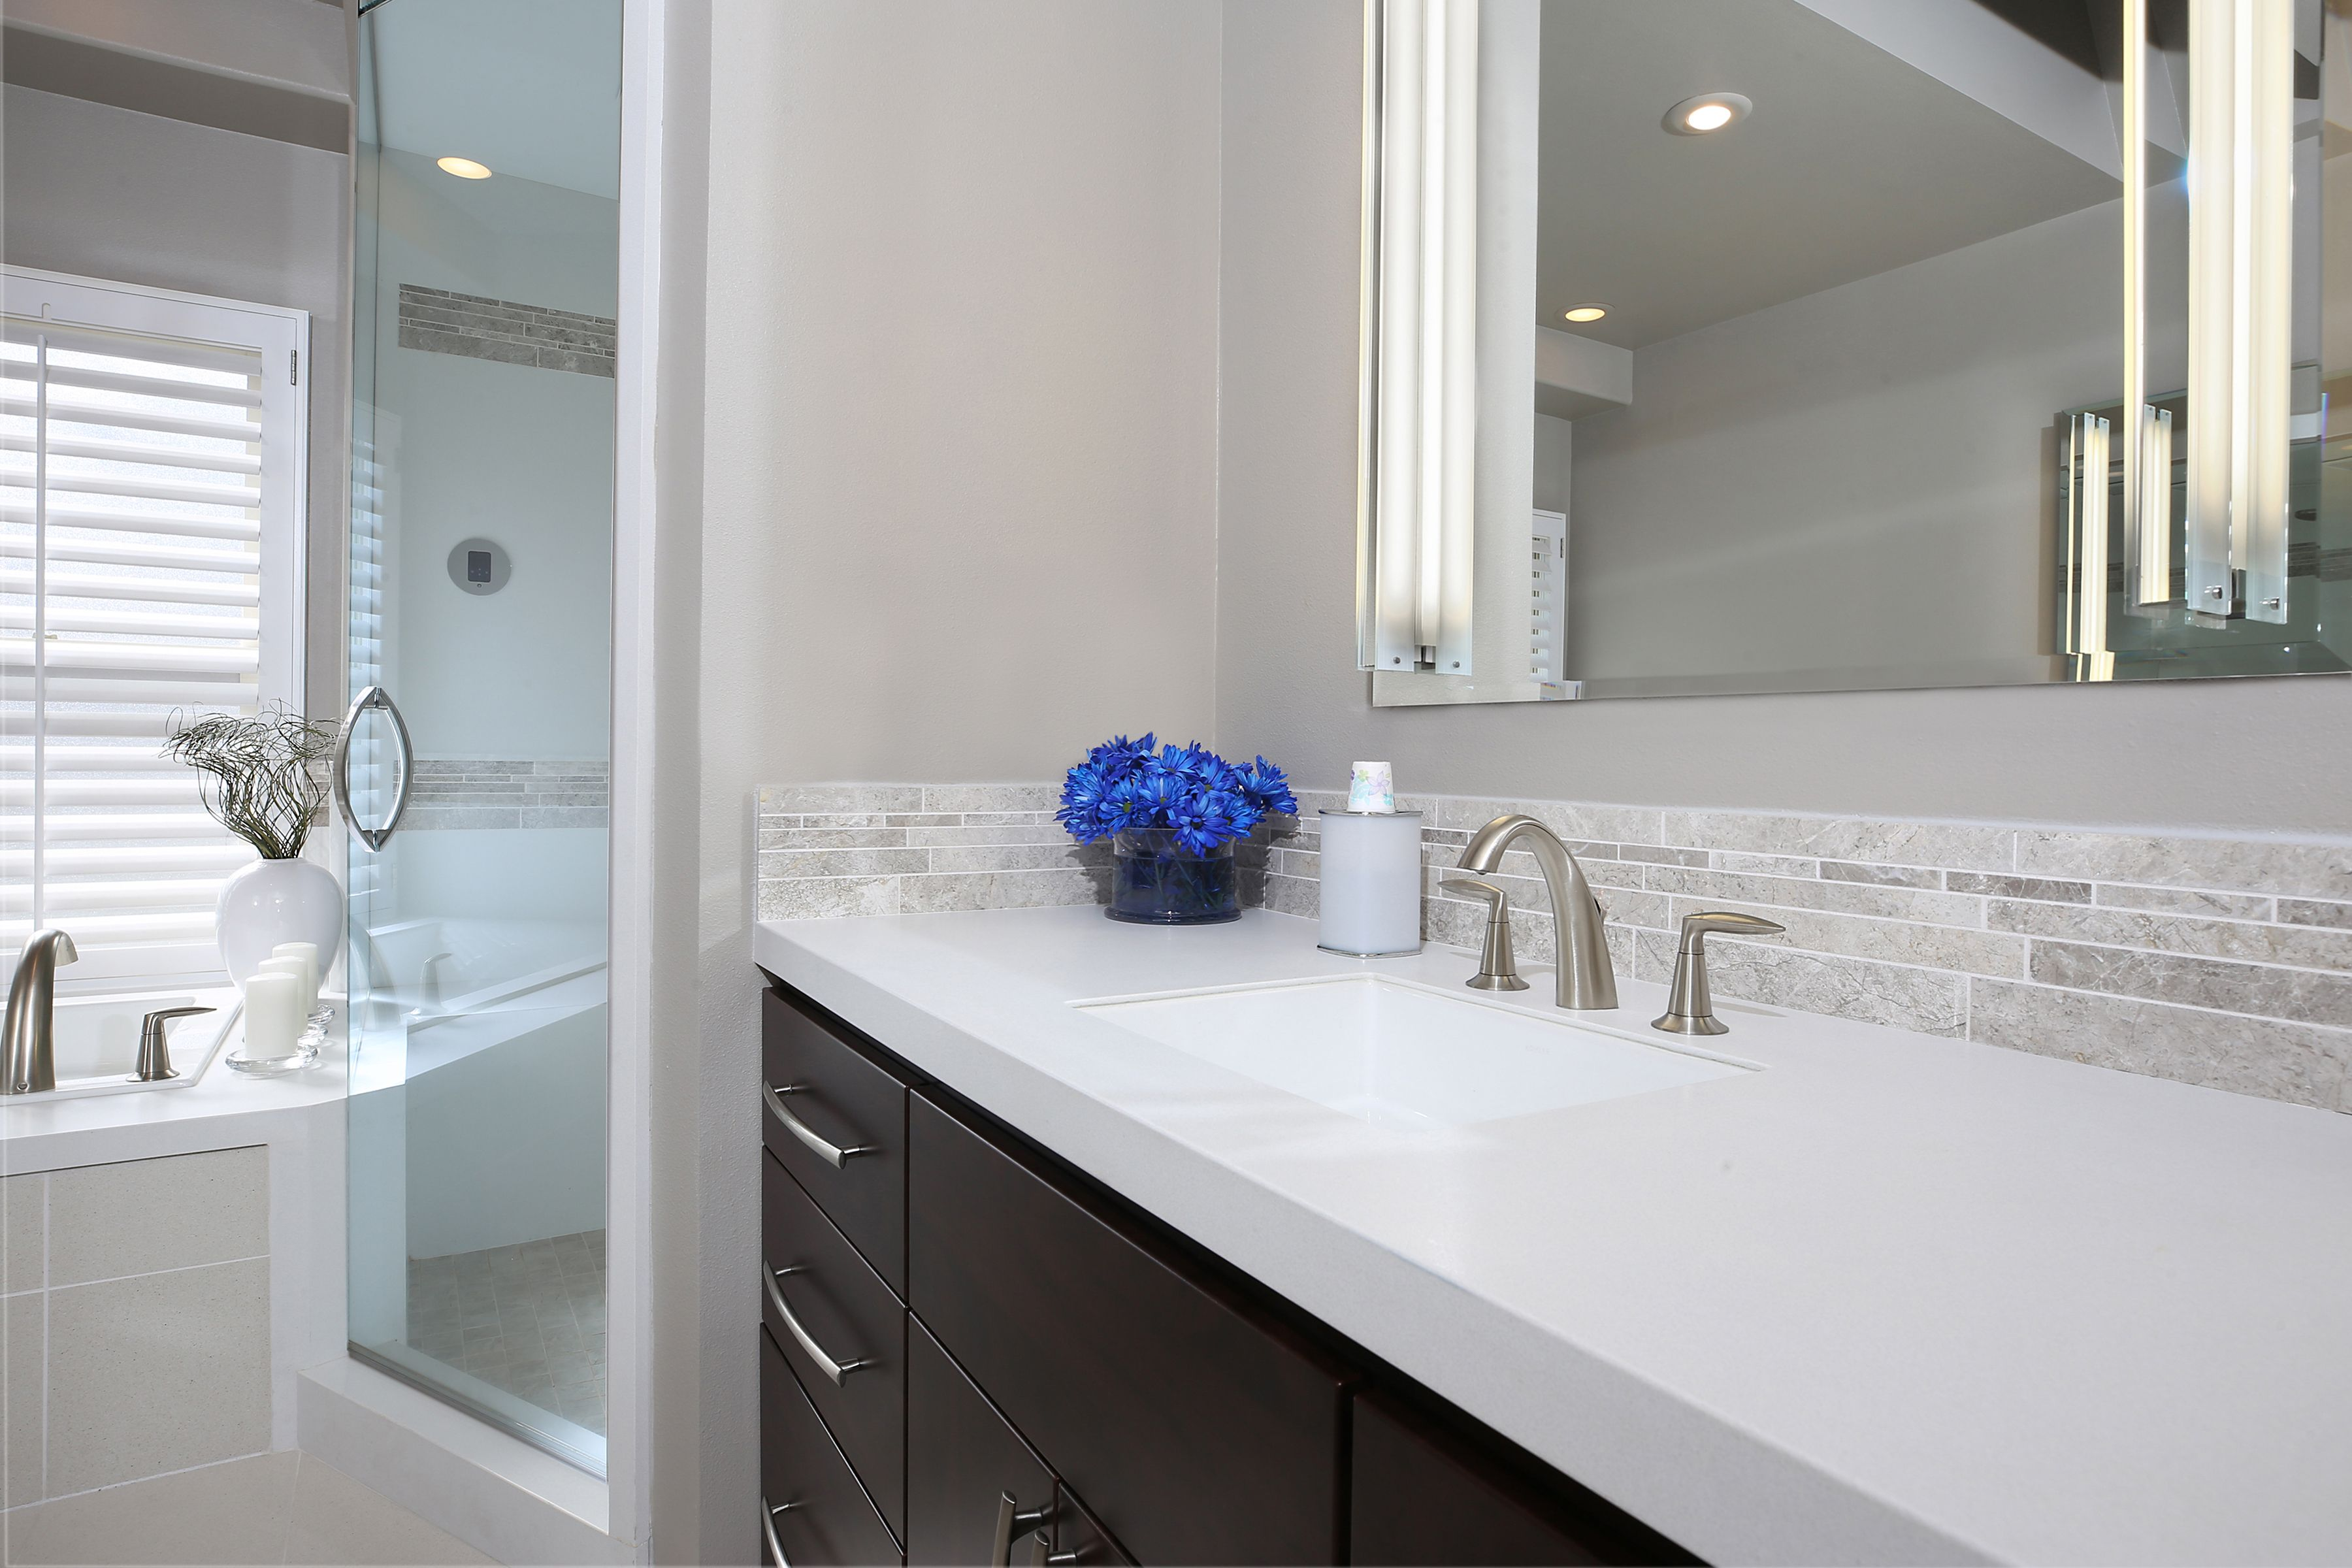 Quartz Bathroom Shower Remodel Shower Remodel Diy Bathrooms Remodel